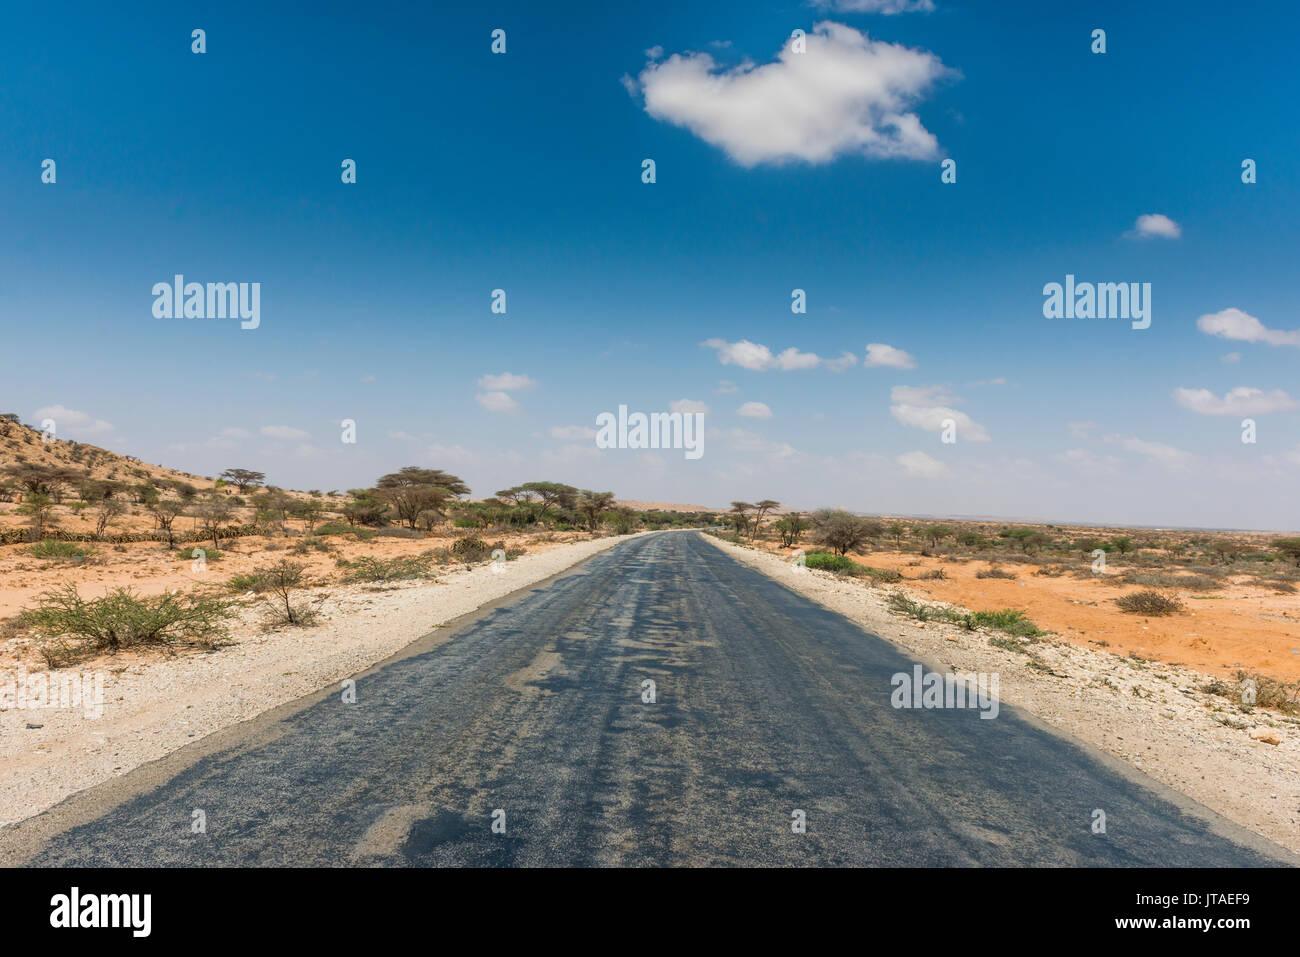 Road between Hargheisa and Berbera, Somaliland, Somalia, Africa - Stock Image